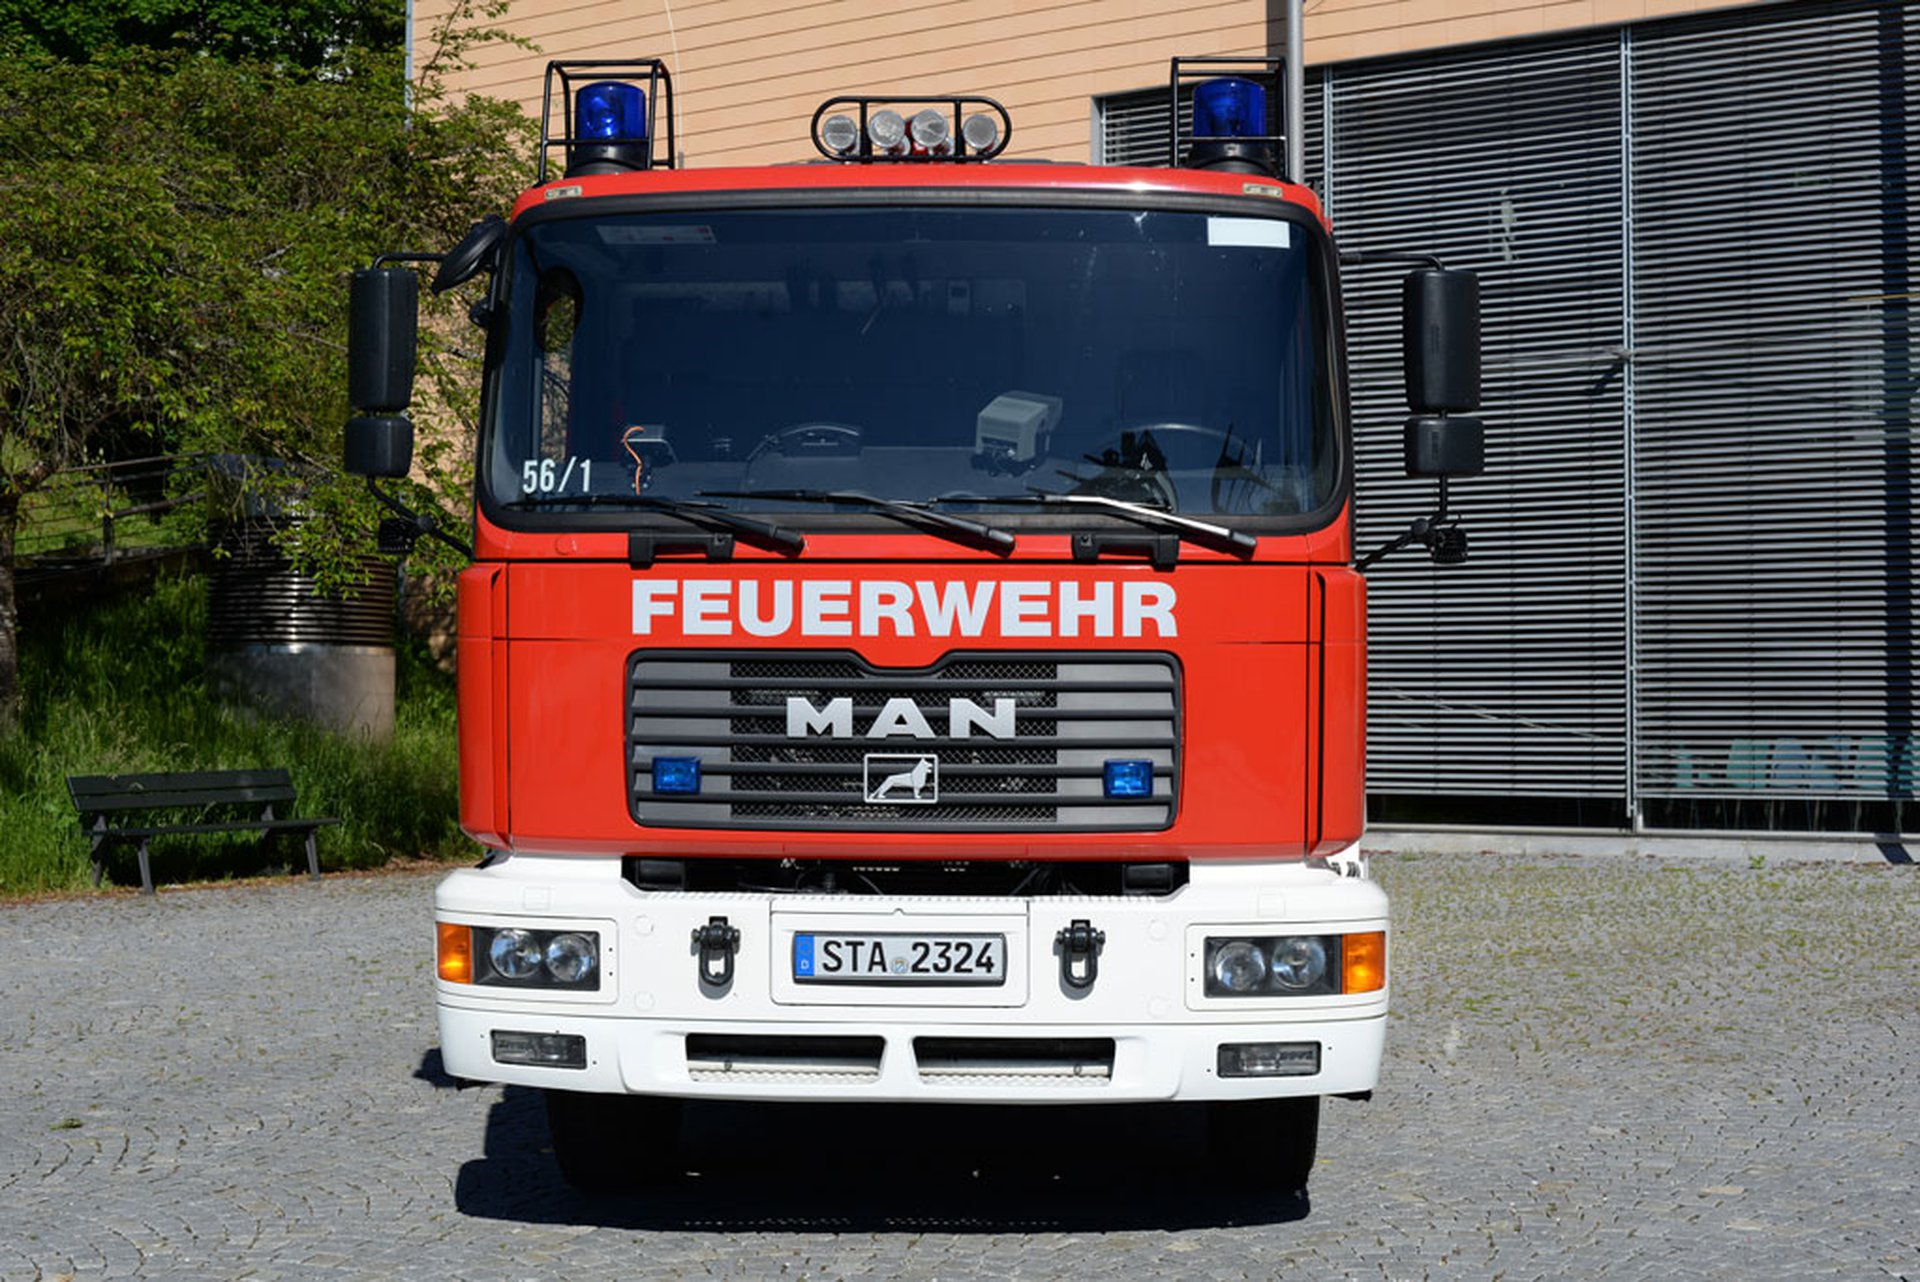 Freiwillige Feuerwehr Starnberg gegr 1862 e V Fuhrpark der